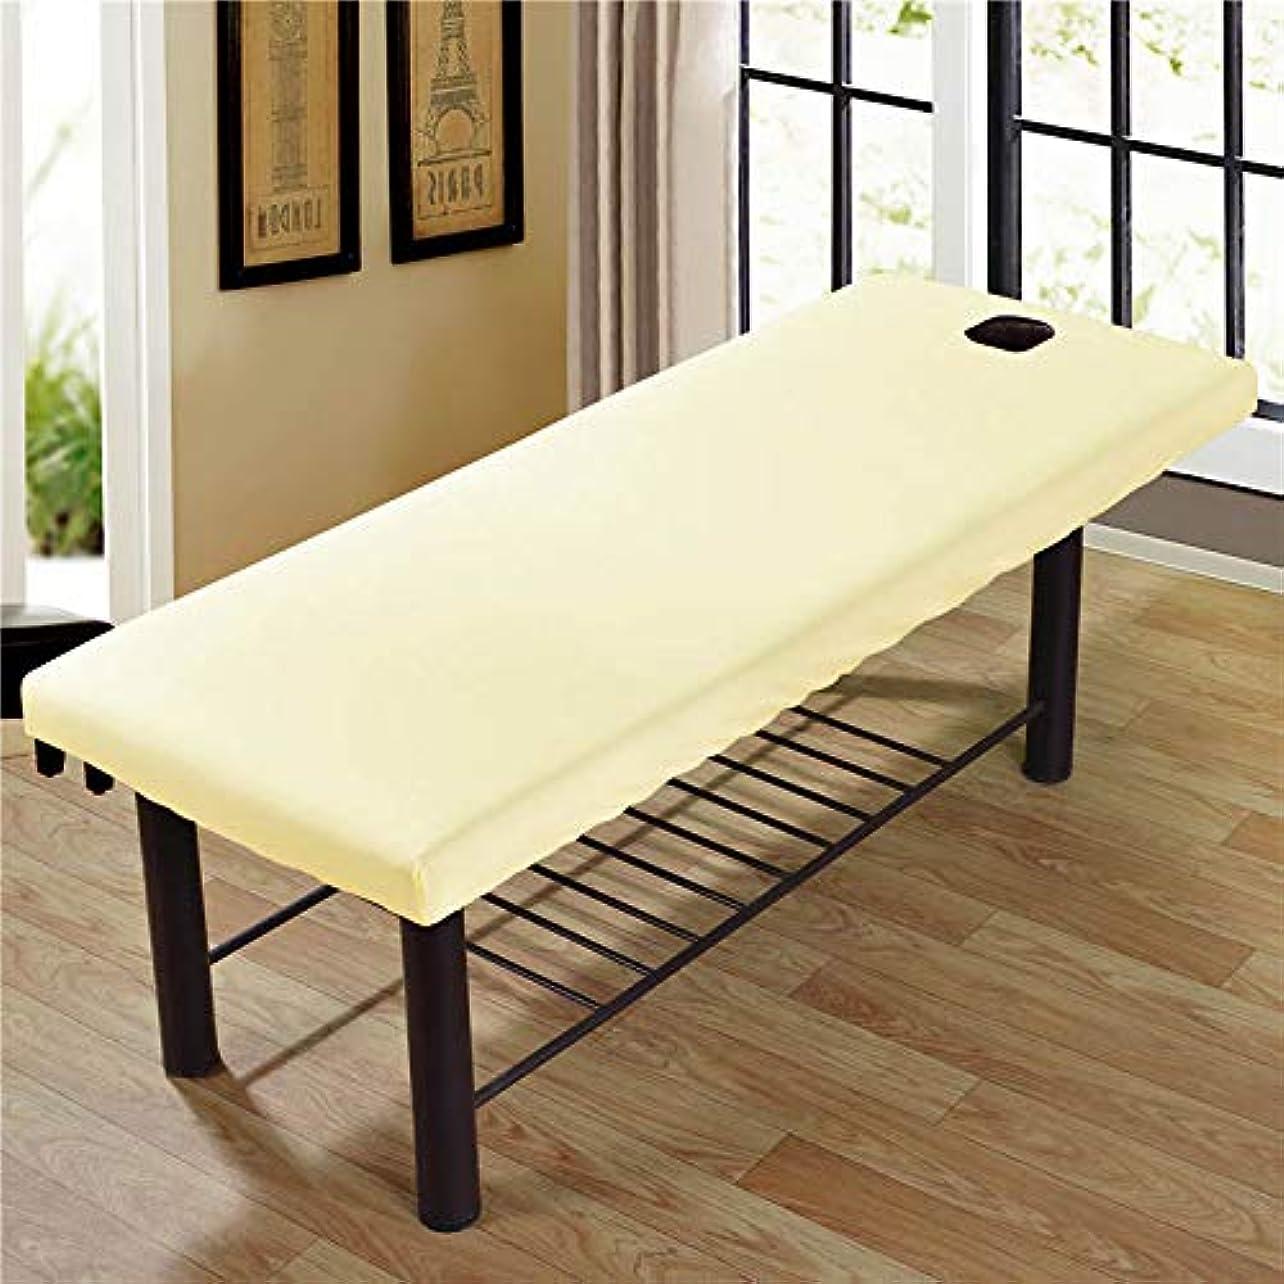 勝利ショルダーテセウスCoolTack  美容院のマッサージ療法のベッドのための柔らかいSoliod色の長方形のマットレス